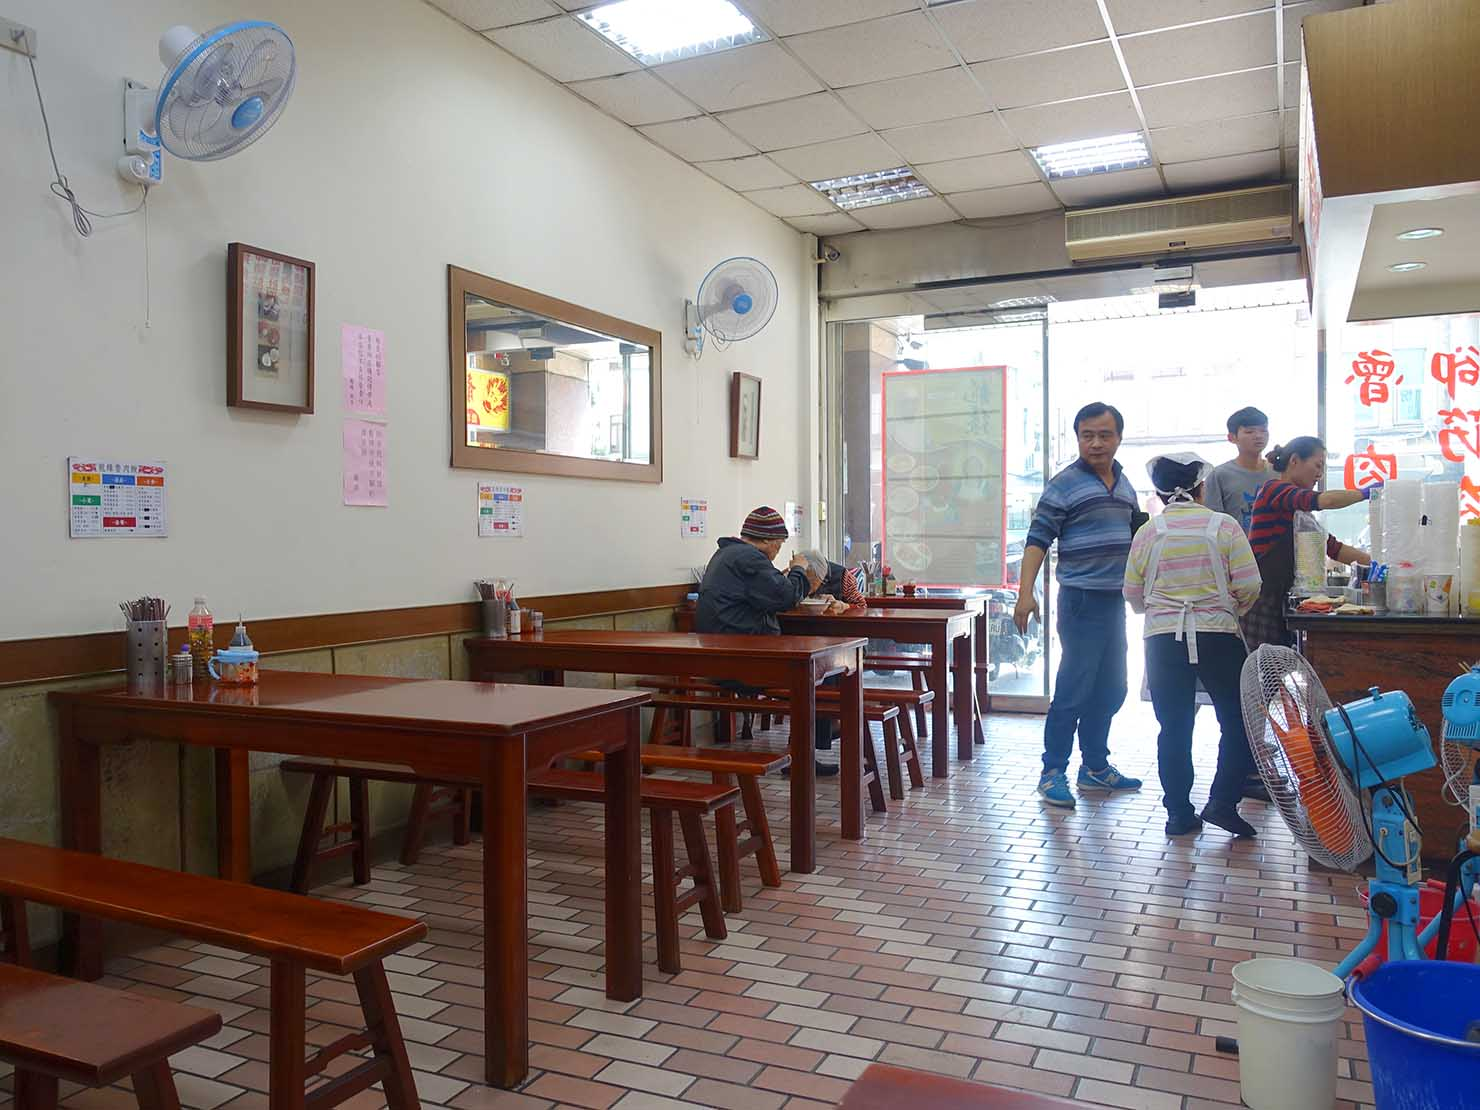 台北・寧夏夜市のおすすめグルメ店「龍緣魯肉飯」の店内